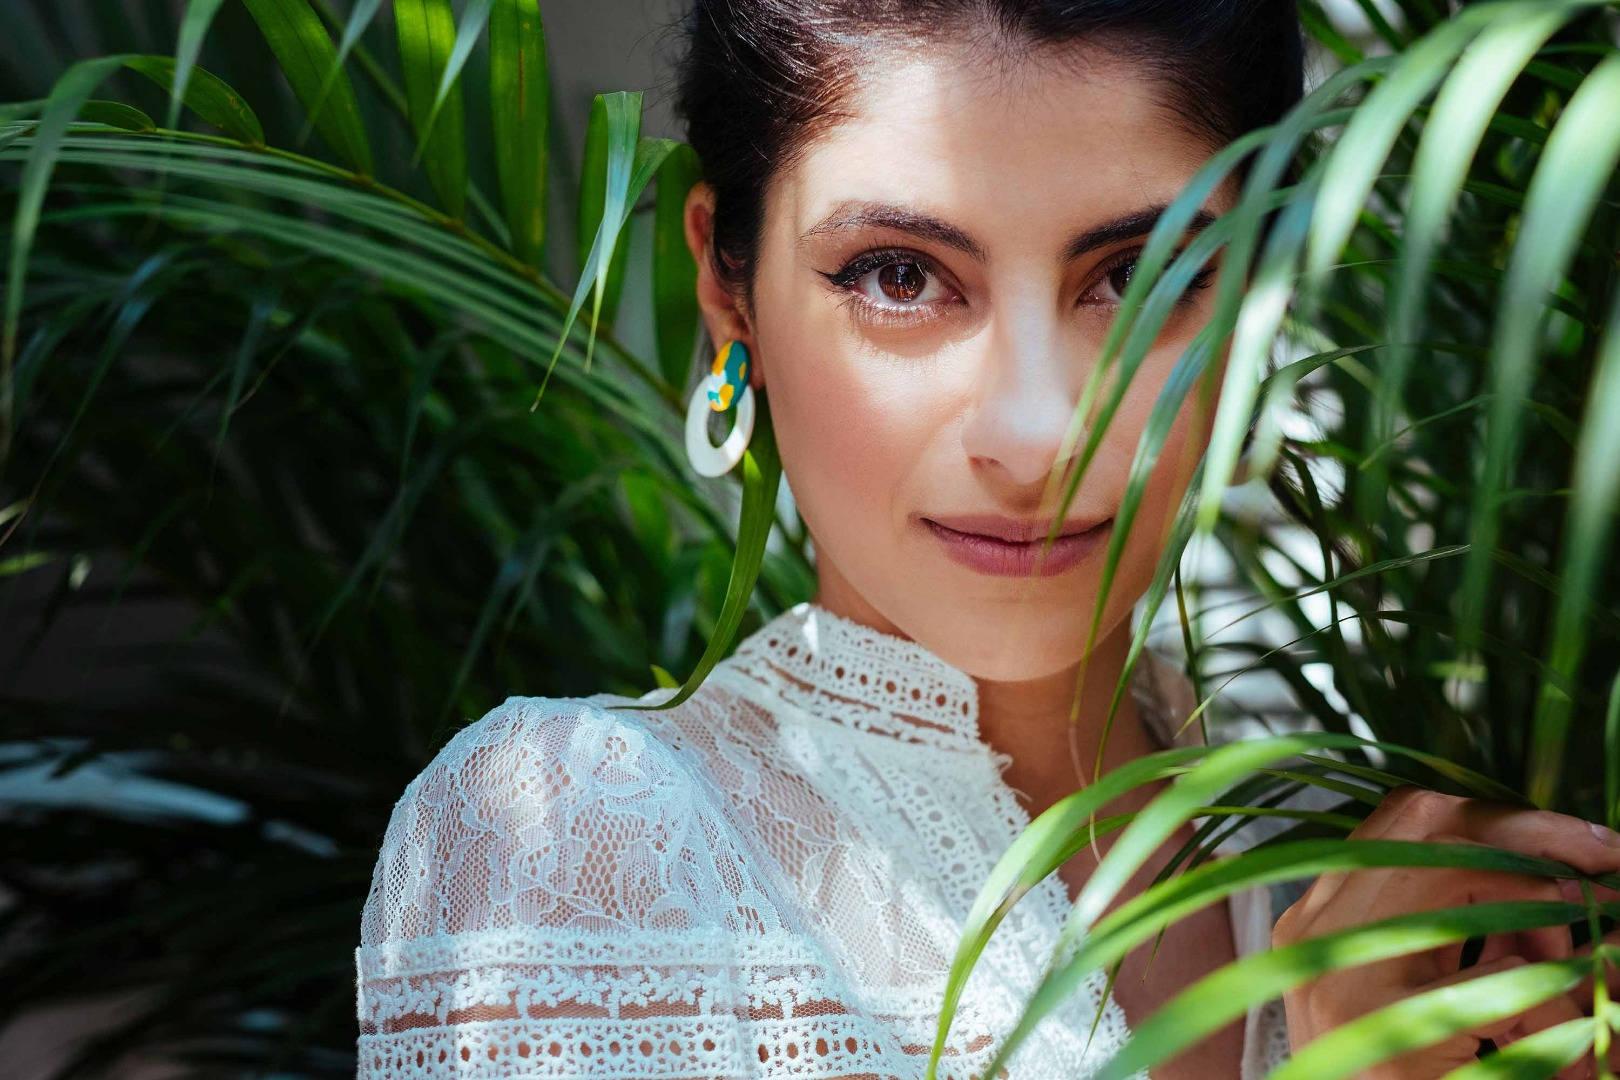 Model wearing stud earrings posing betwe